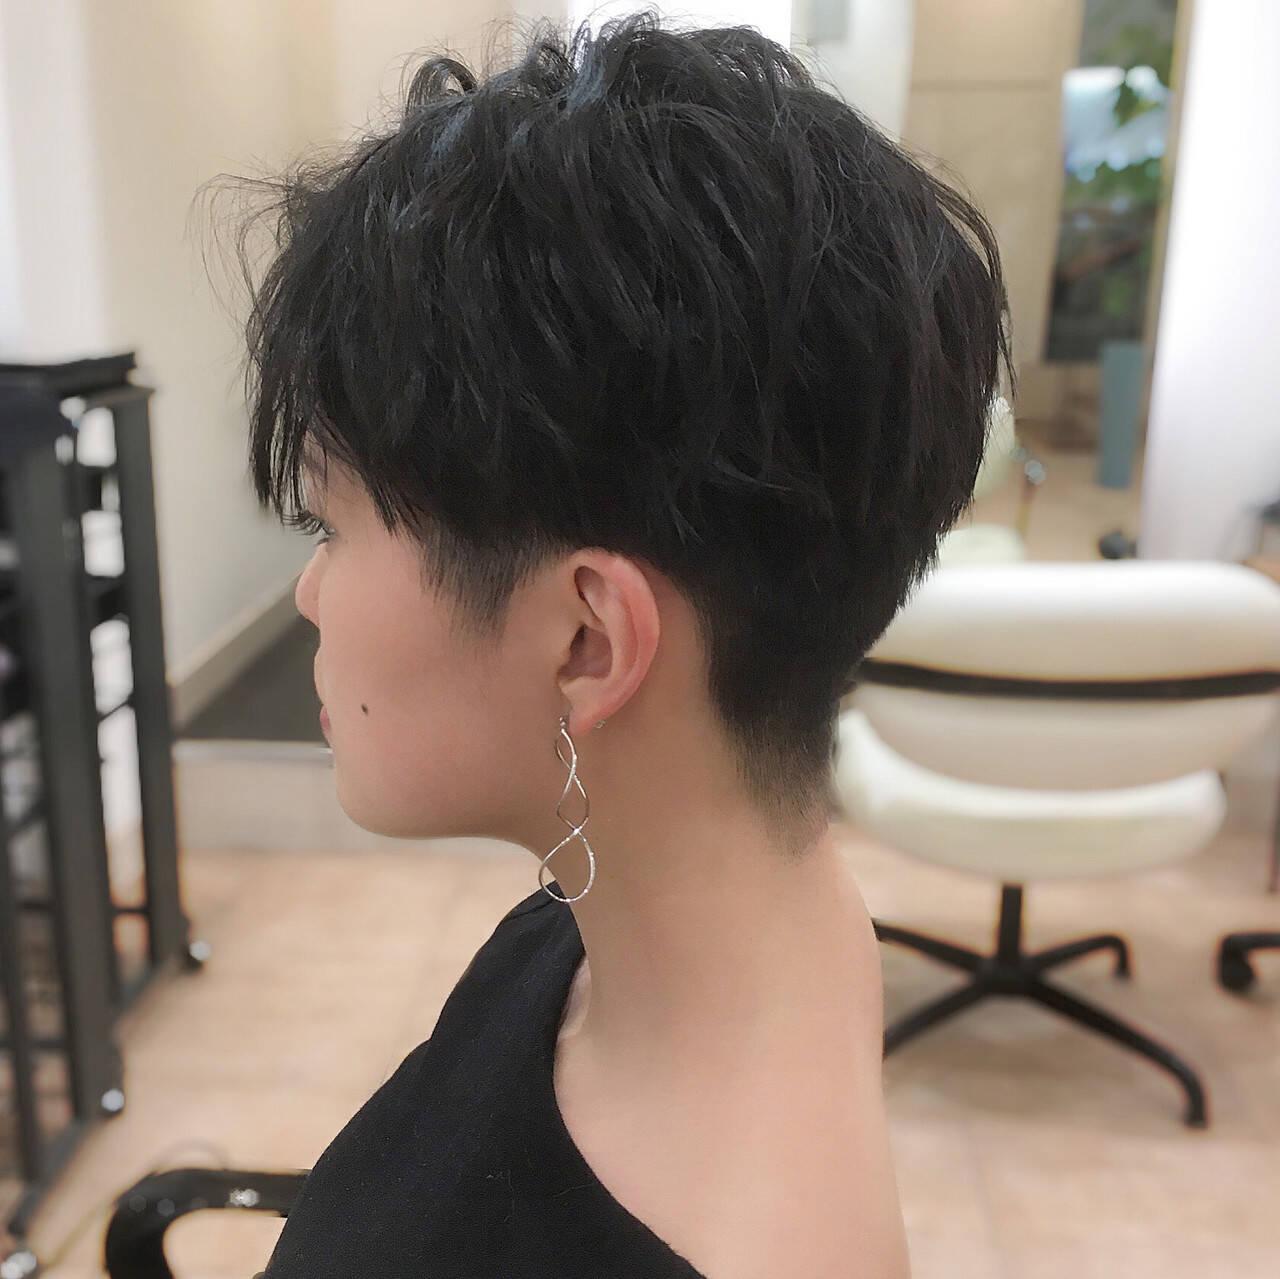 刈り上げ女子 ベリーショート ショートヘア ショートヘアスタイルや髪型の写真・画像